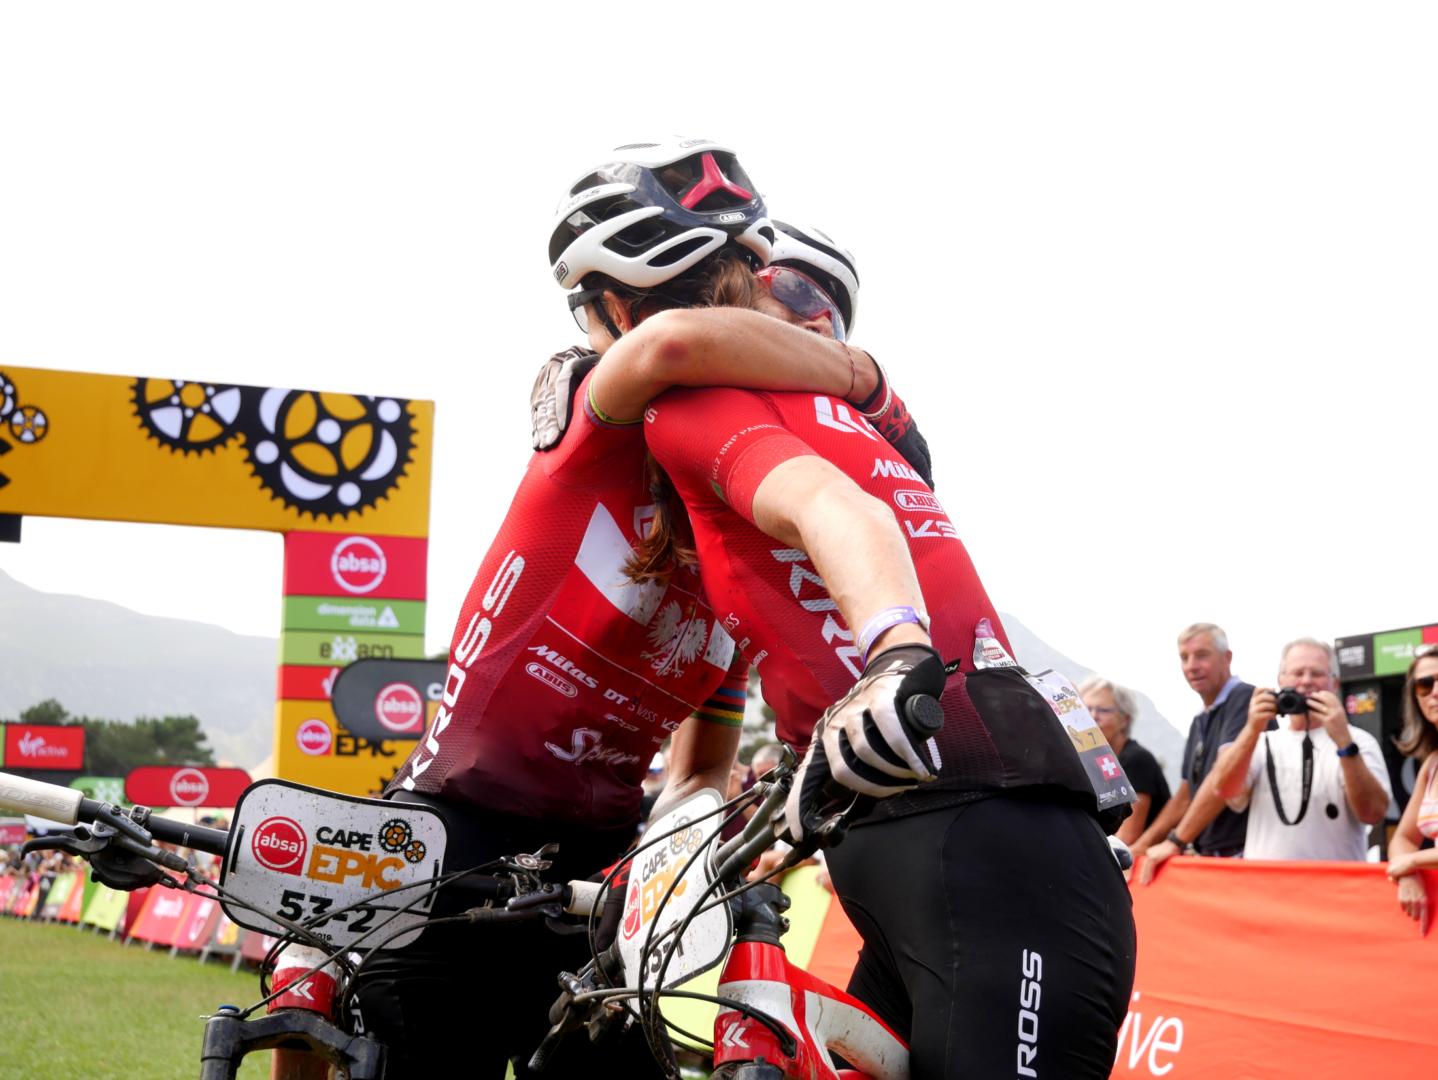 Świetny wynik duetu Włoszczowska – Lüthi na pierwszym etapie Absa Cape Epic